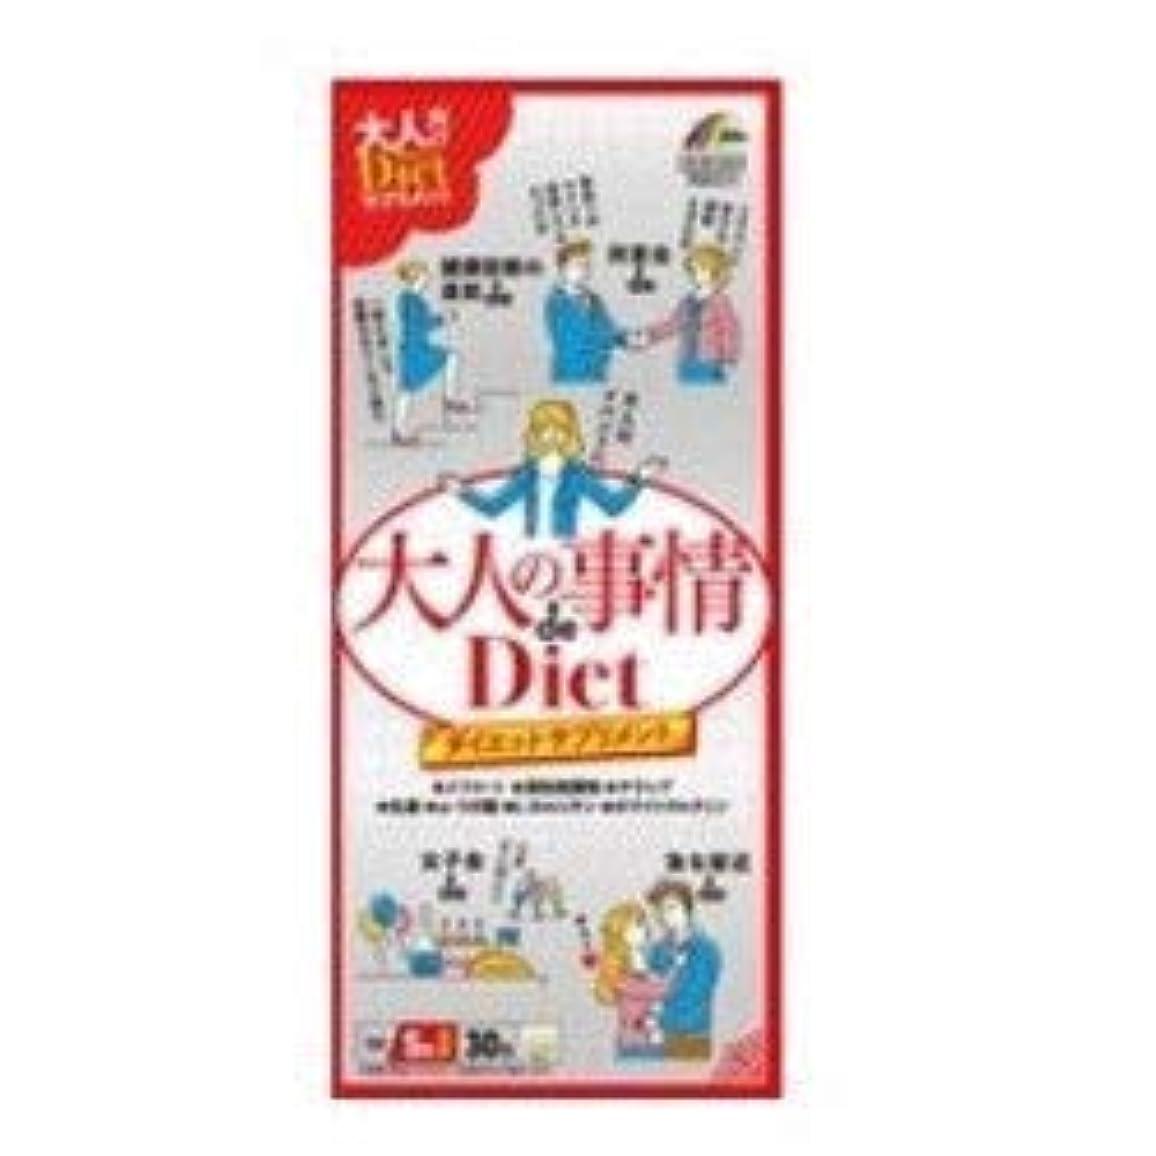 肝劣る本会議【ユニマットリケン】大人の事情ダイエット 30包×3